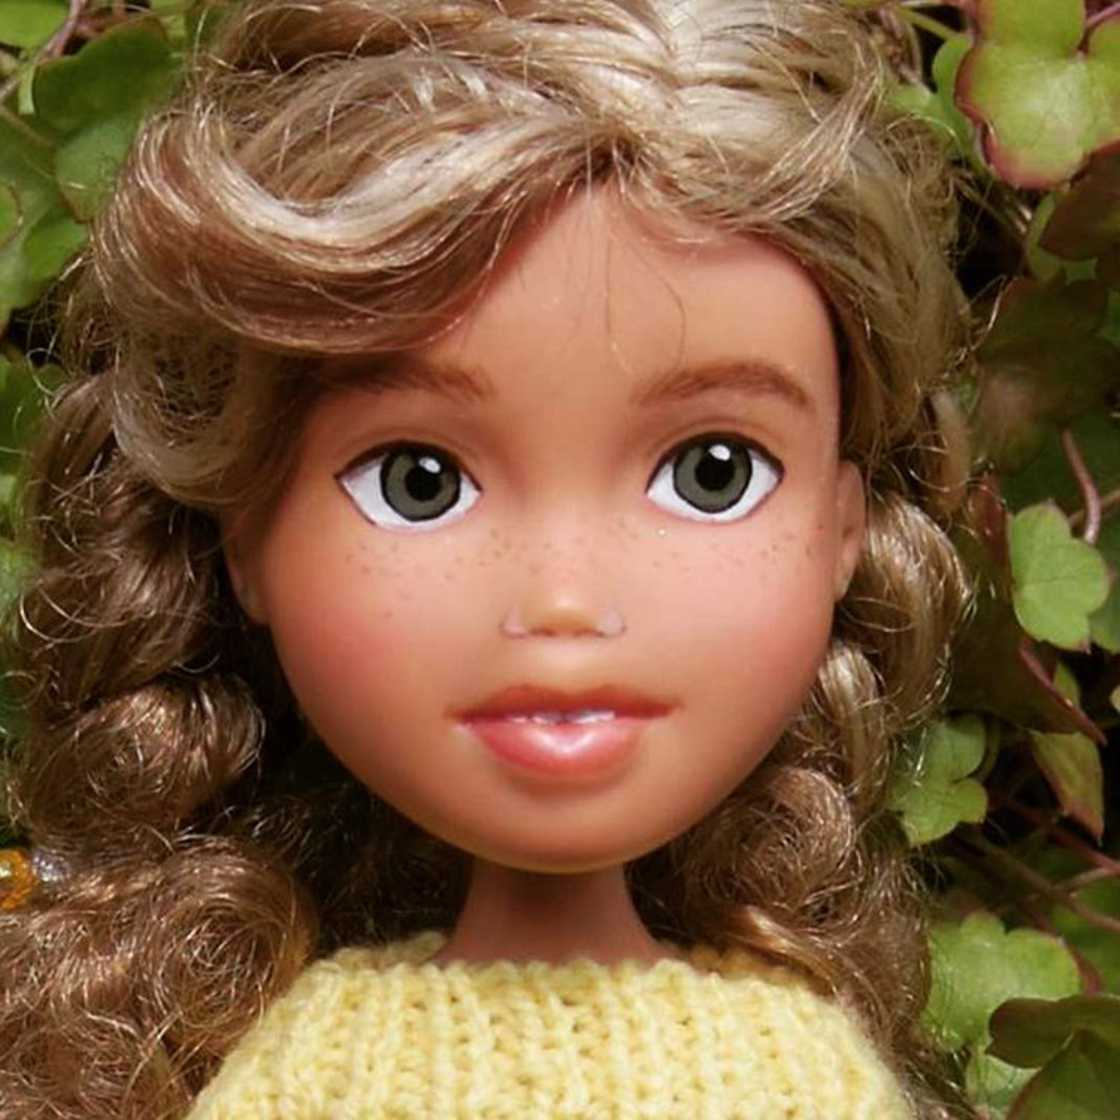 Mulher Remove Maquiagem De Bonecas Dando a Elas Um Aspecto Realista Antes de Vendê-las. O Resultado É...